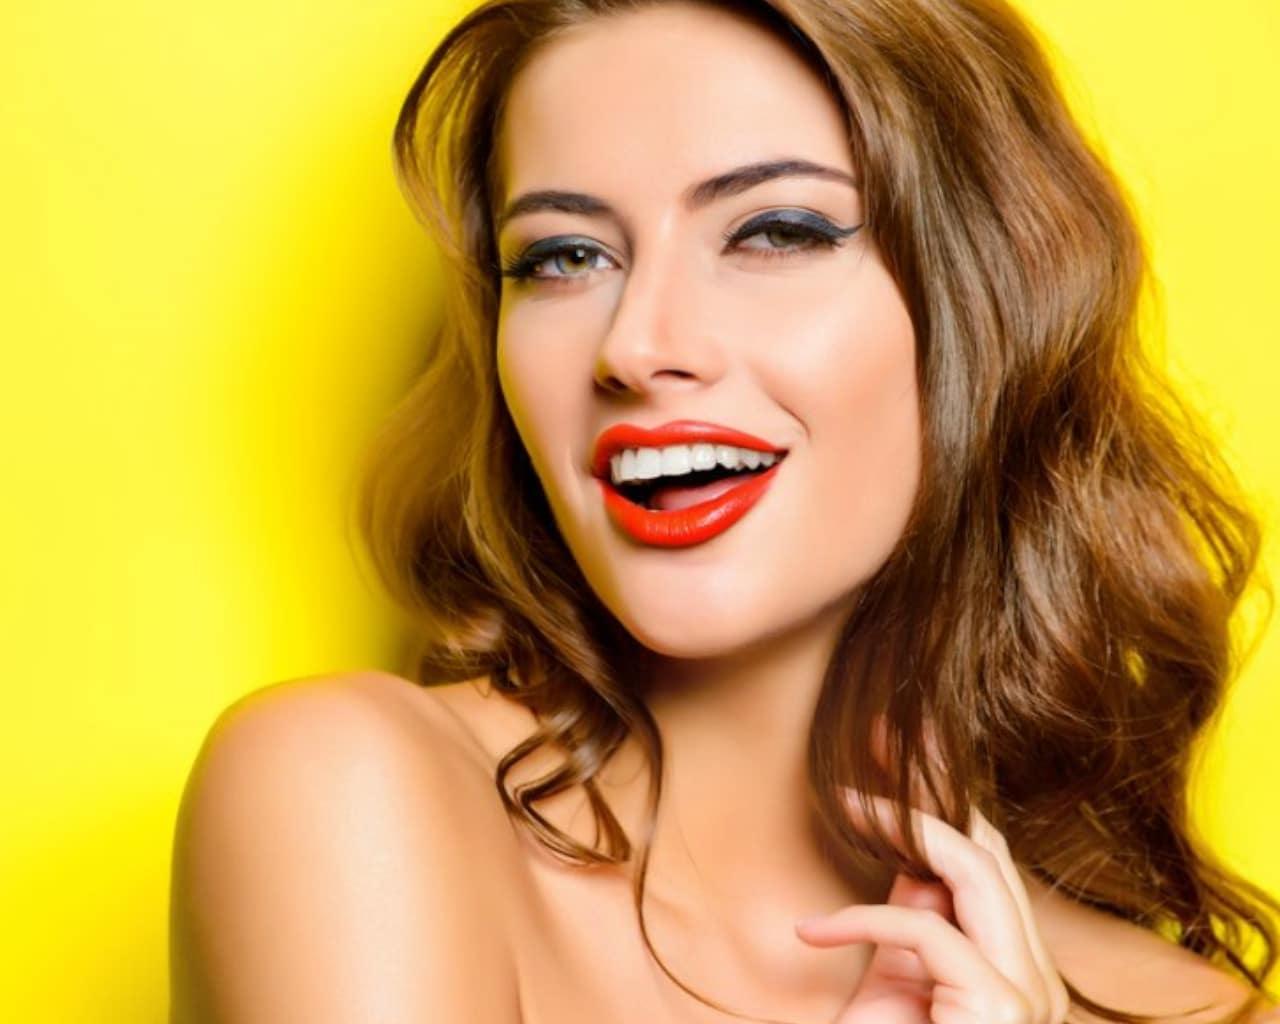 συμβουλες ομορφιας,συμβουλεσ ομορφιασ για γυναικεσ ανω των 50,συμβουλεσ ομορφιασ για πενηνταρεσ,συμβουλεσ ομορφιασ για γυναικεσ,συμβουλες ομορφιας απο δερματολογους,συμβουλες ομορφιας για εγκυους,συμβουλες ομορφιας για νυφες,συμβουλες ομορφιας απο μοντελα,συμβουλες ομορφιας για αντρες